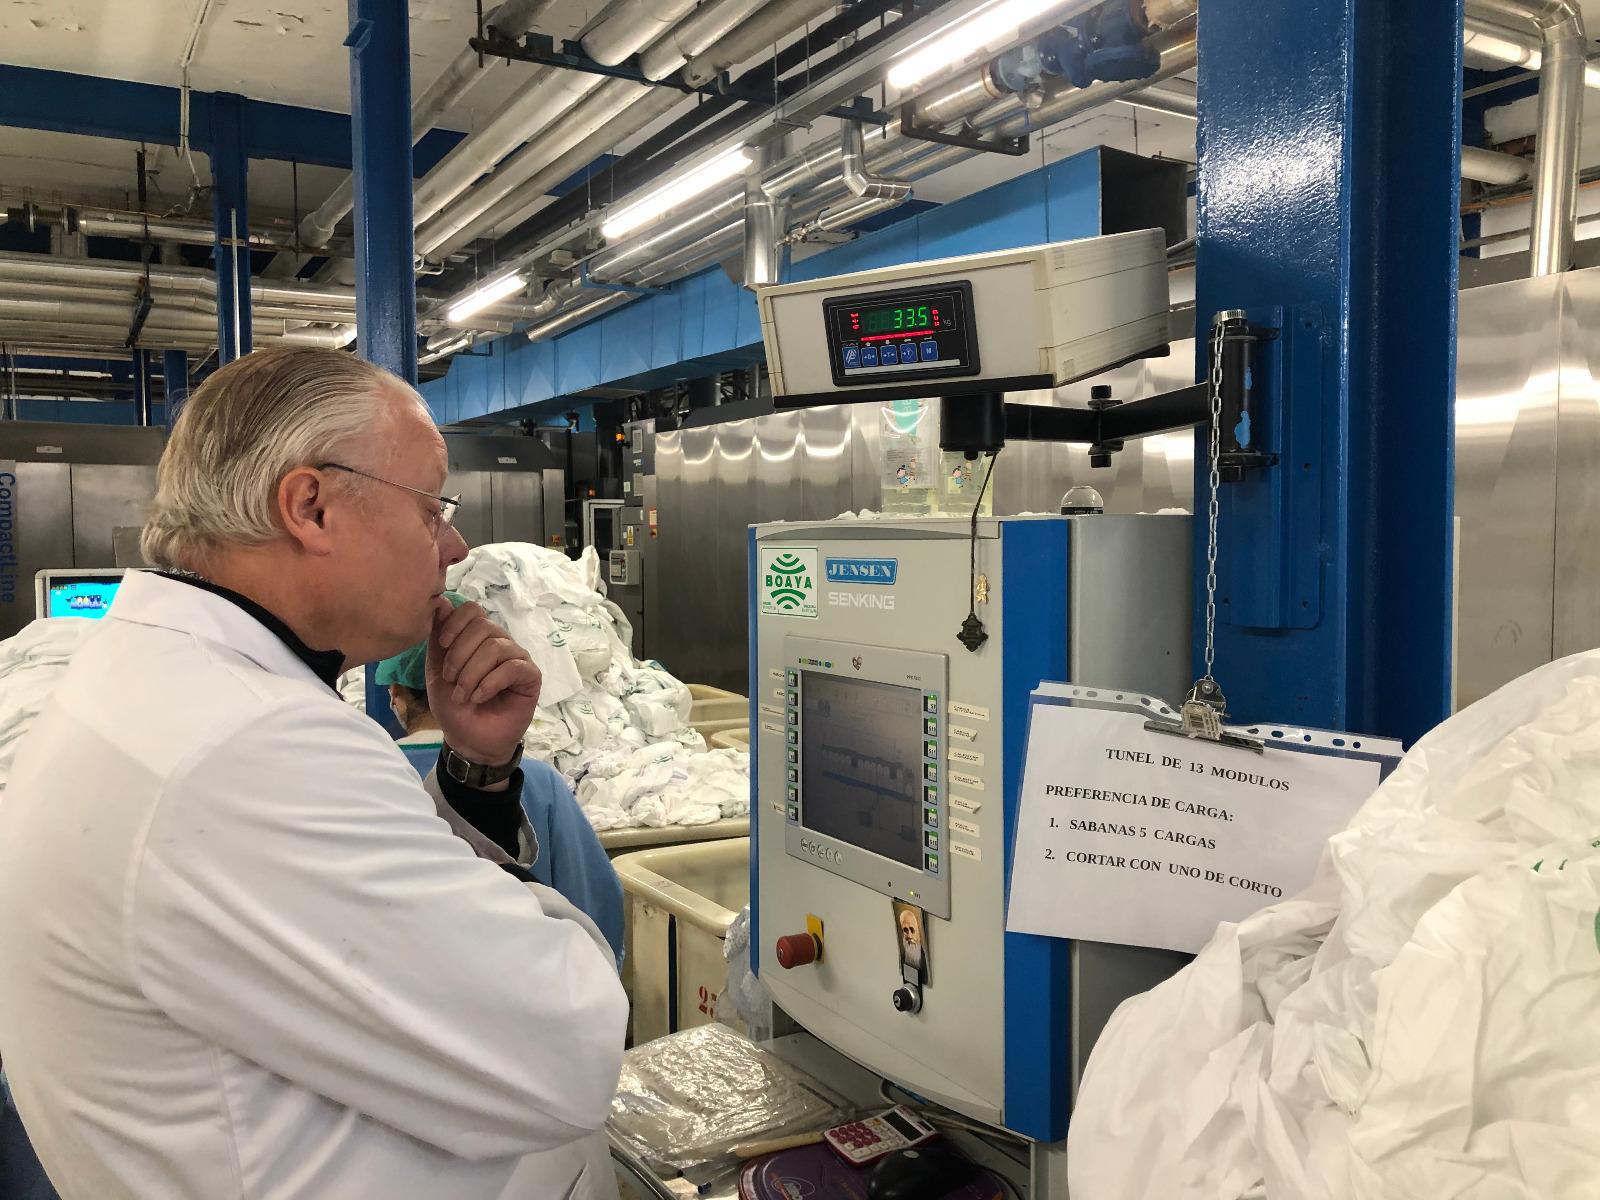 Combatir el coronavirus desde la limpieza y la higiene textil